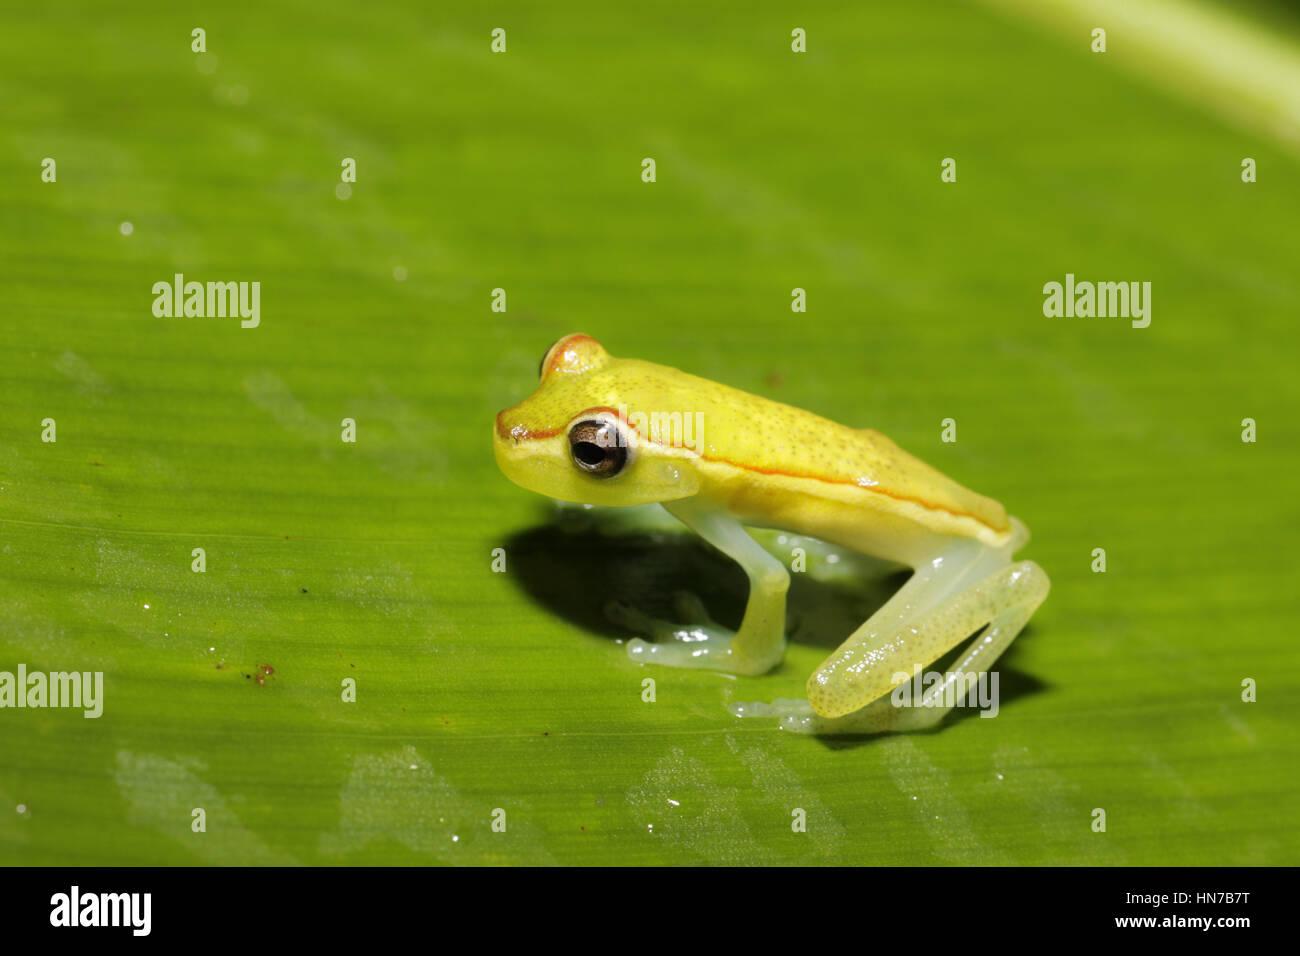 Canal Zone Tree Frog, Hypsiboas rufiletus, at night - Stock Image